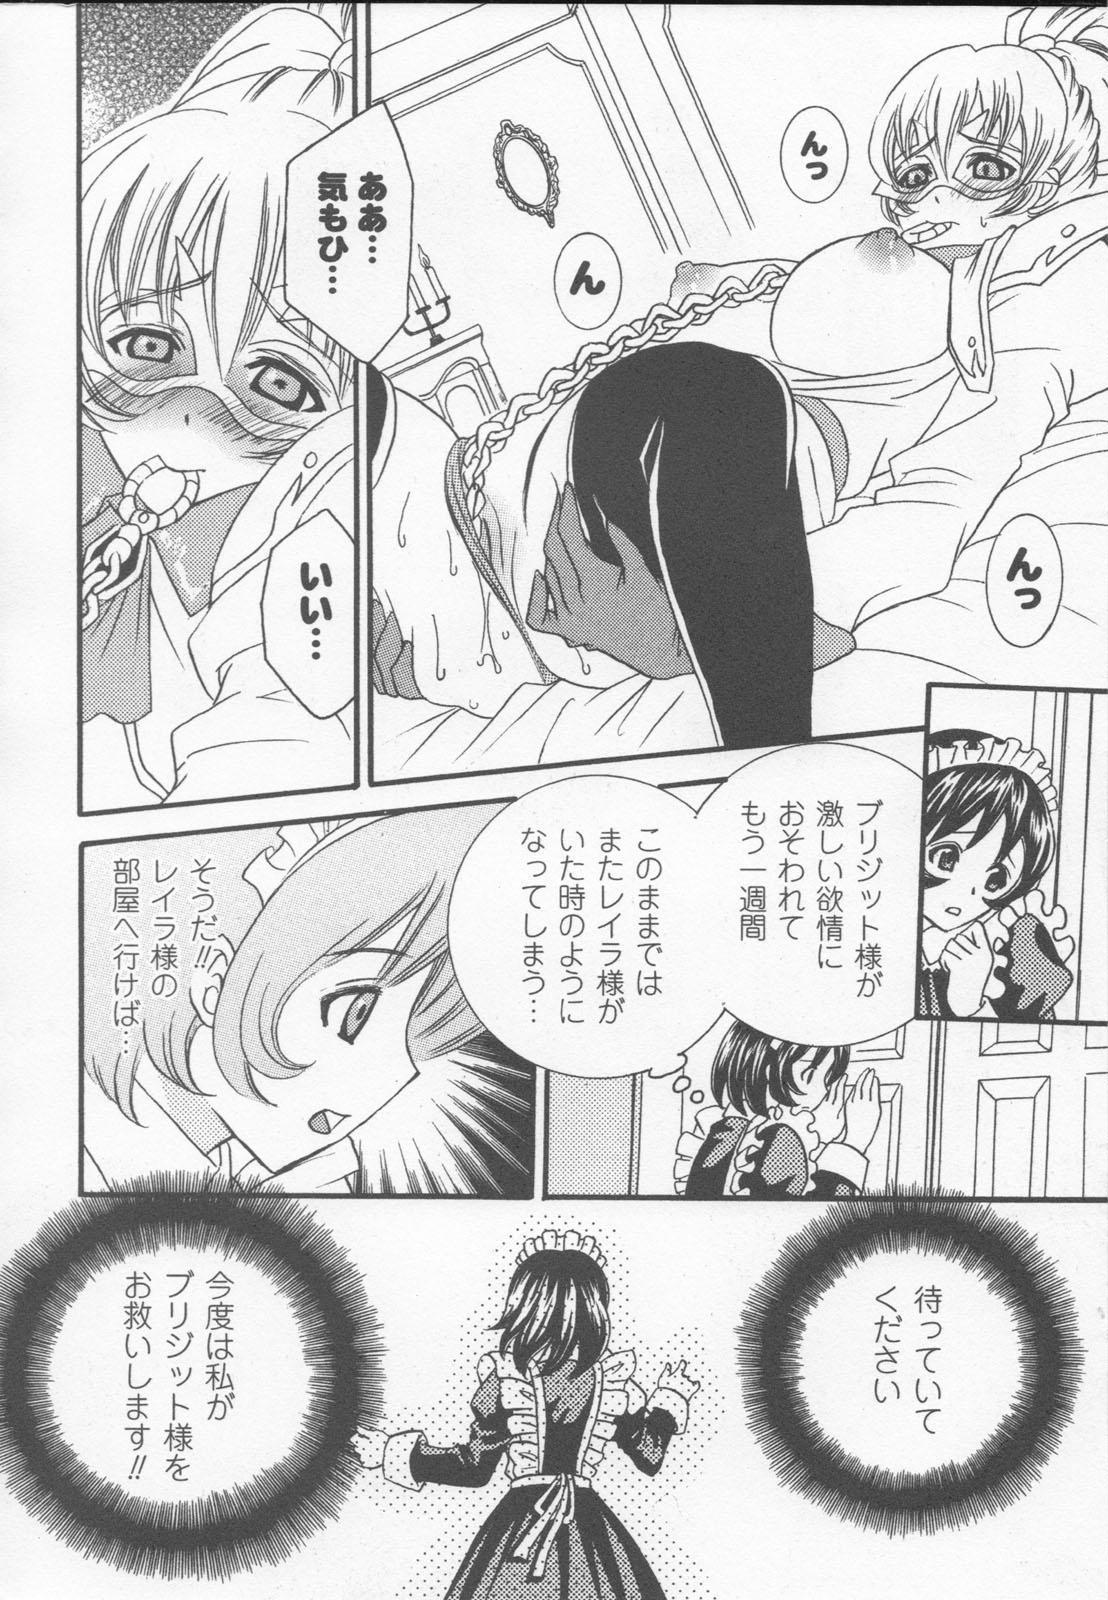 Shirayuri no Kenshi Anthology Comics 147